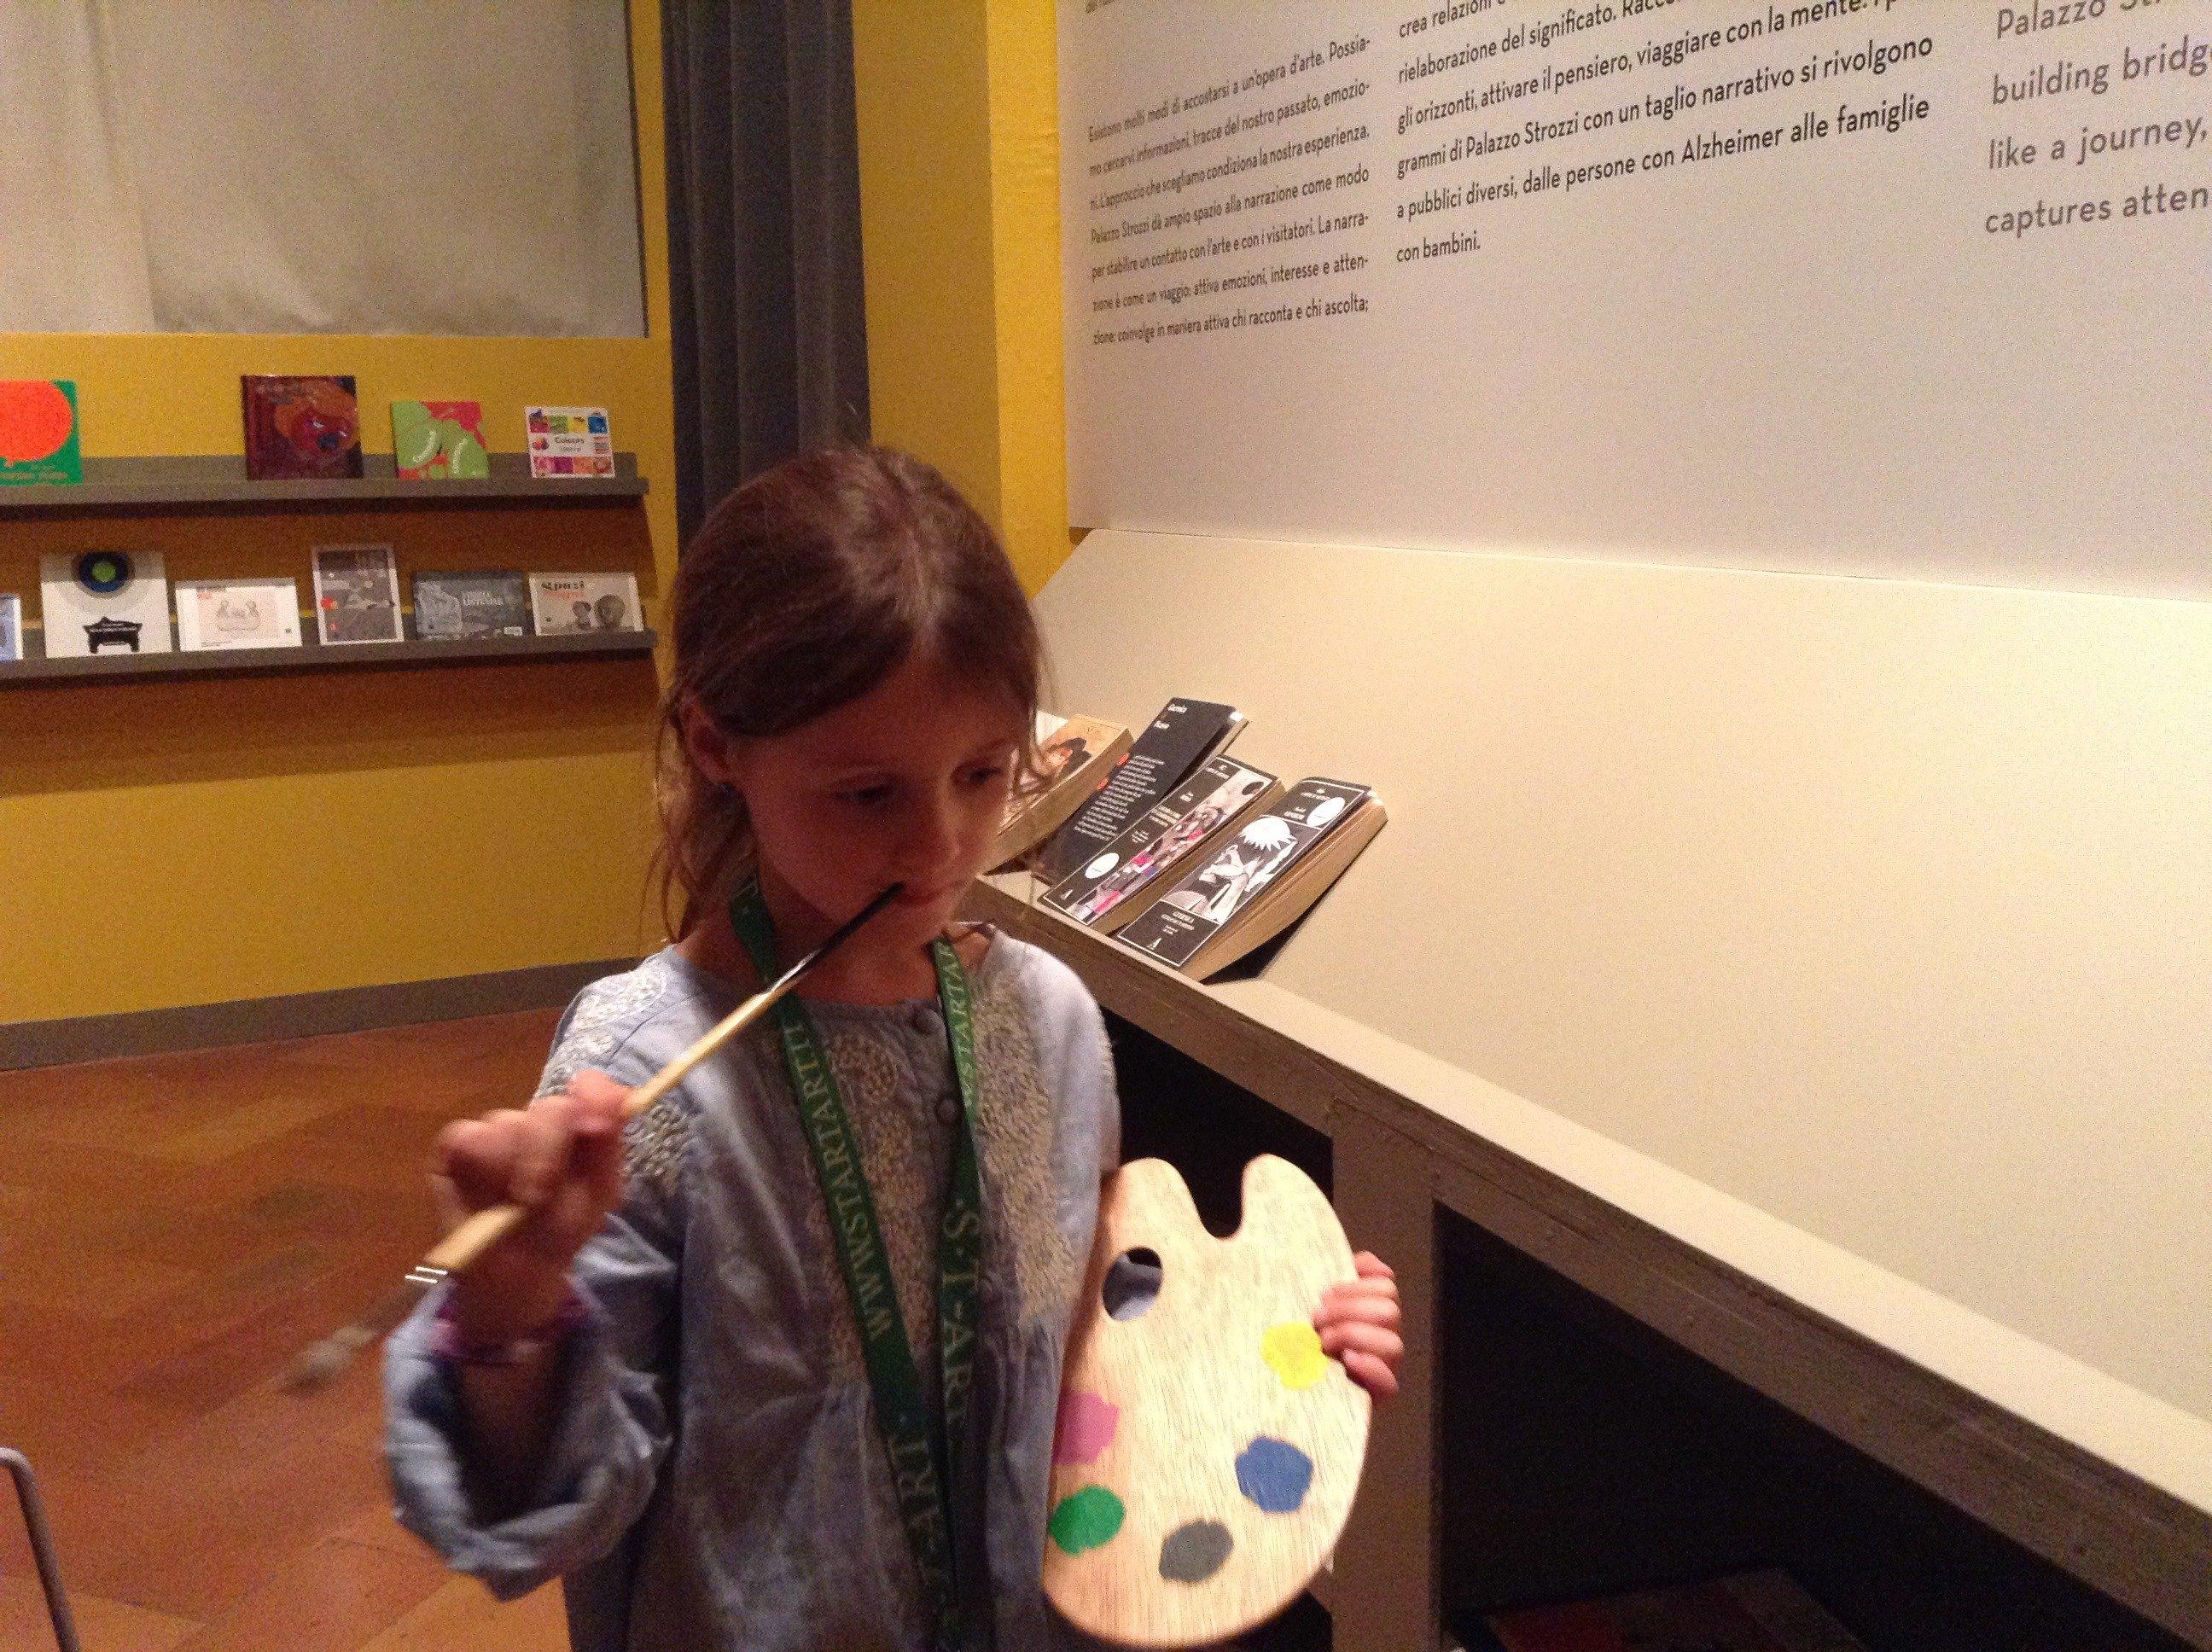 Picasso e la modernità spagnola con i bambini